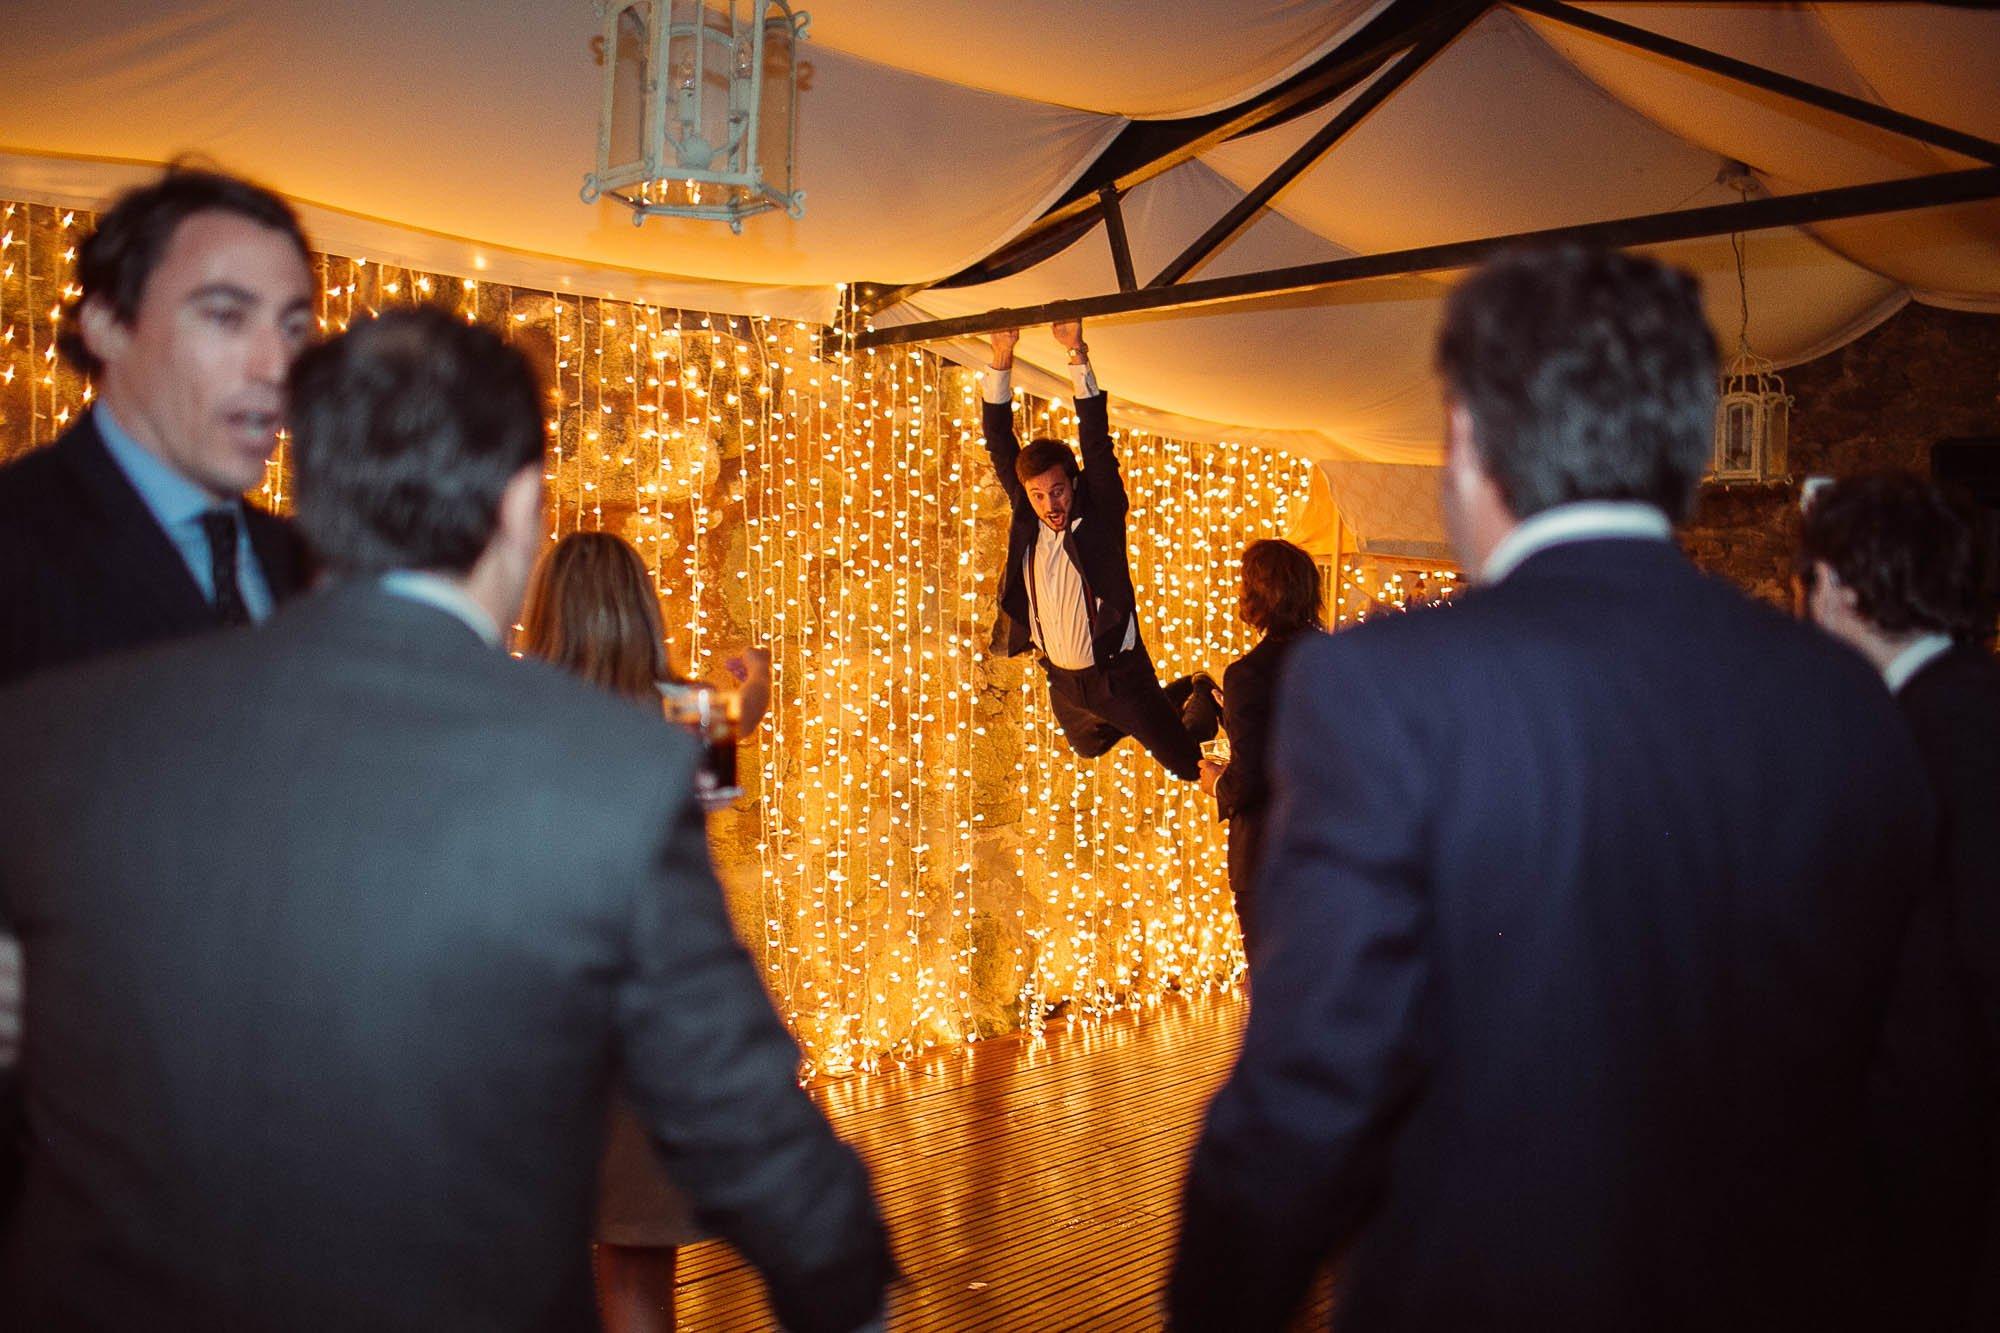 Un invitado colgado de la viga de metal que sostiene la carpa de la pista de baile durante la fiesta de la boda